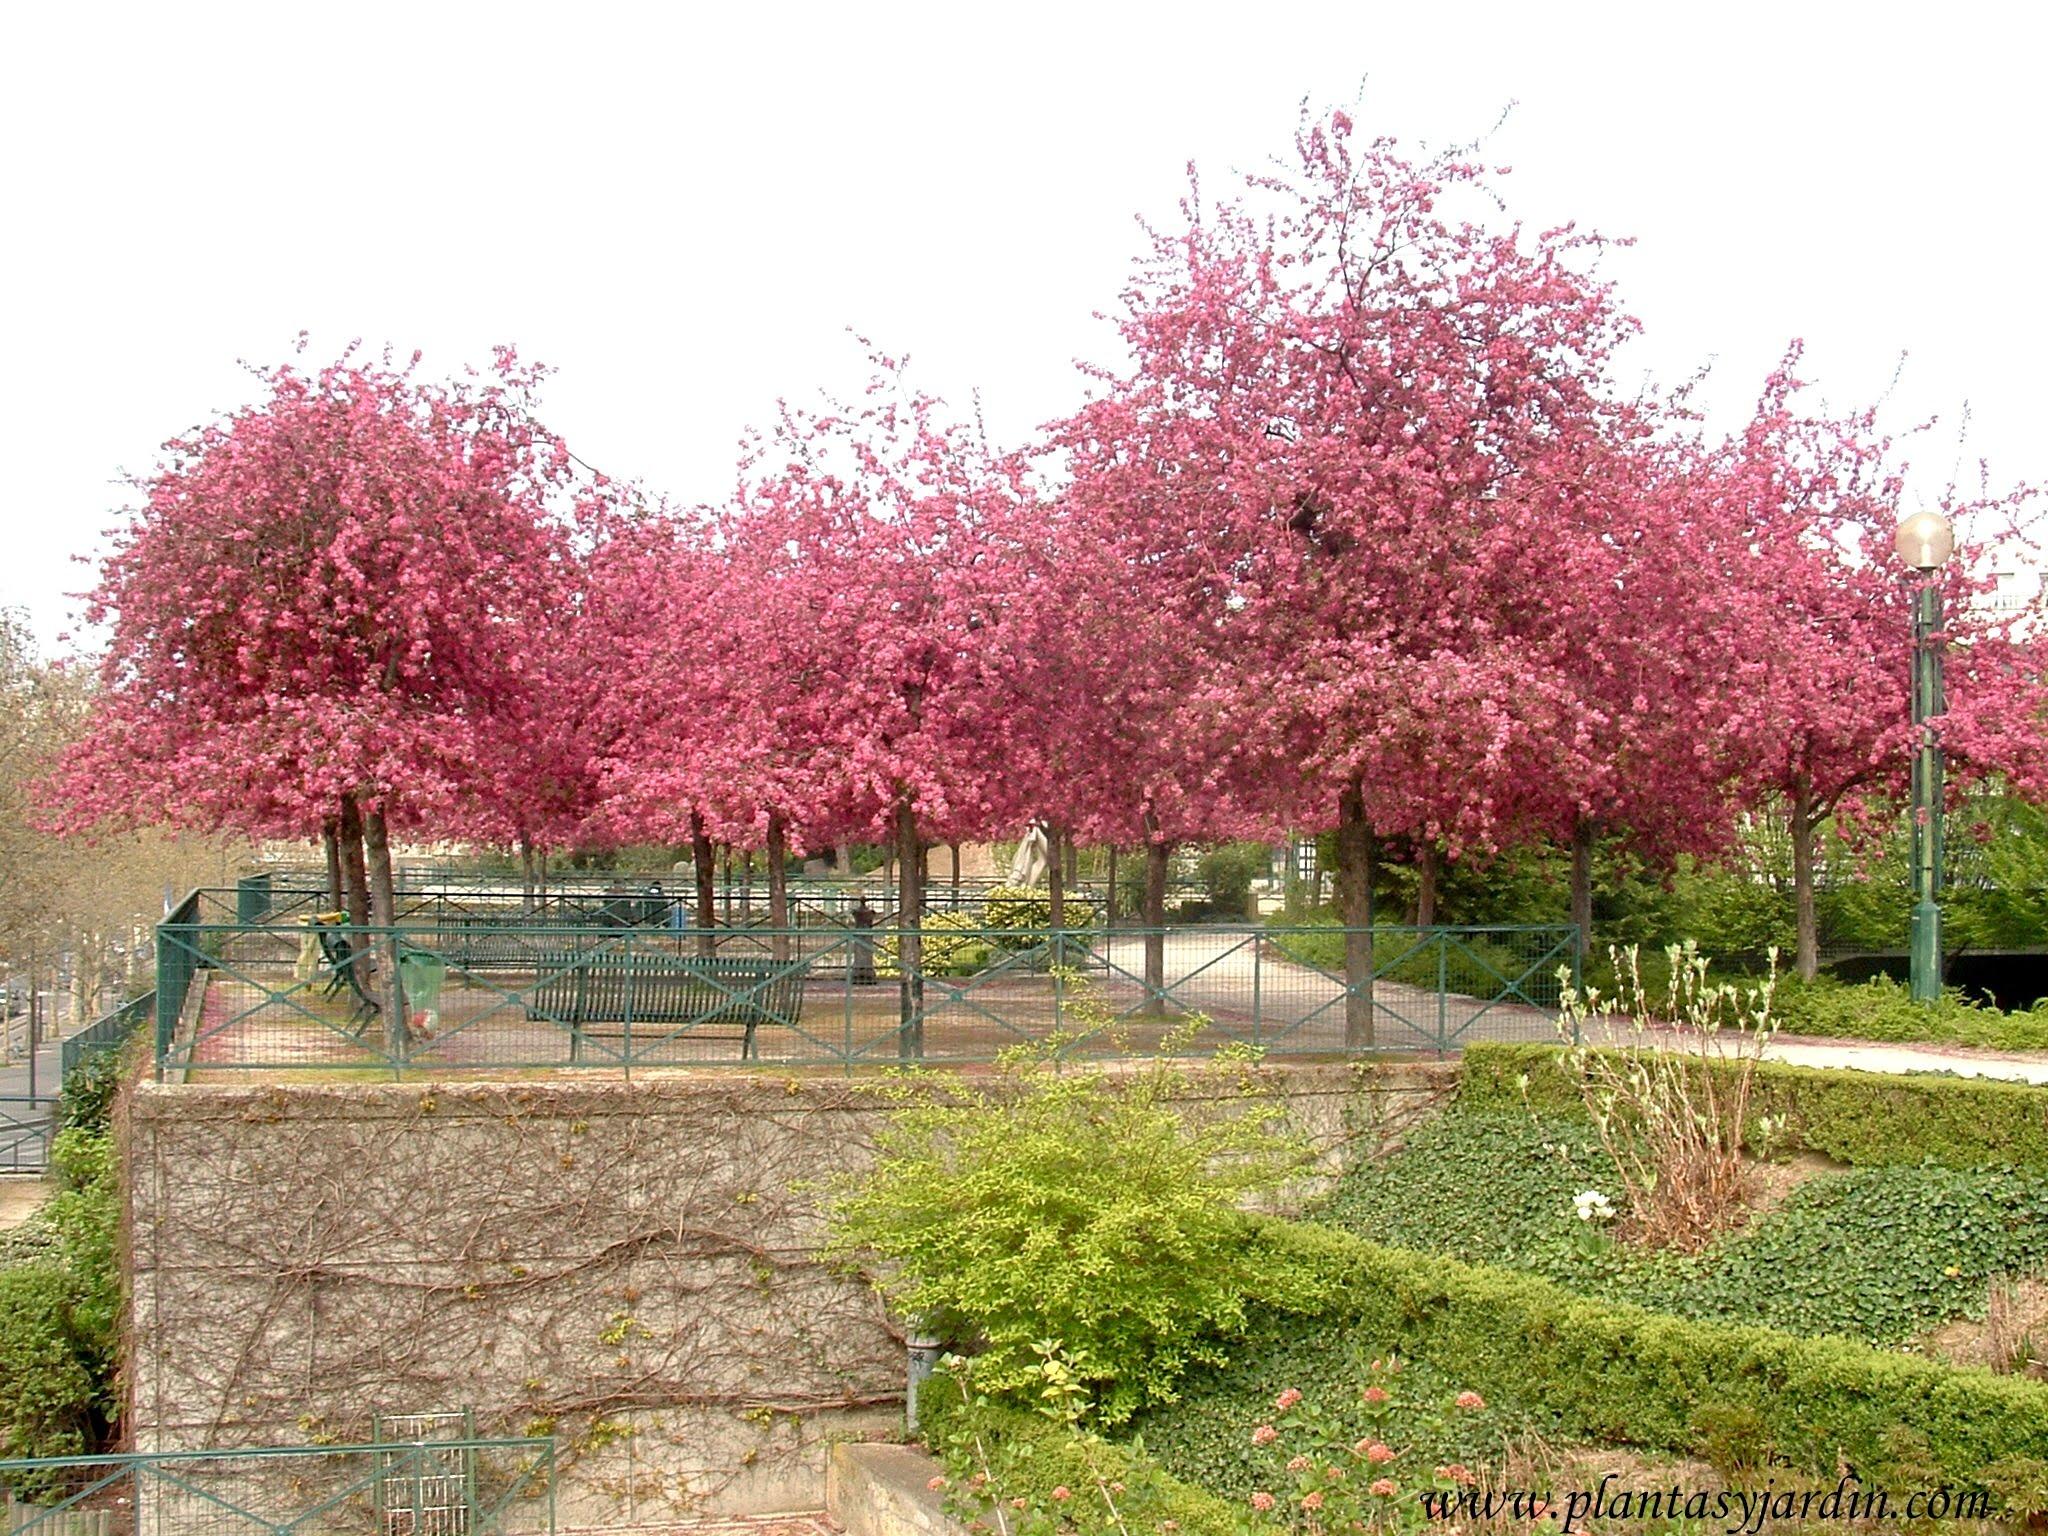 Prunus en la Promenade Plantee a comienzos de la primavera